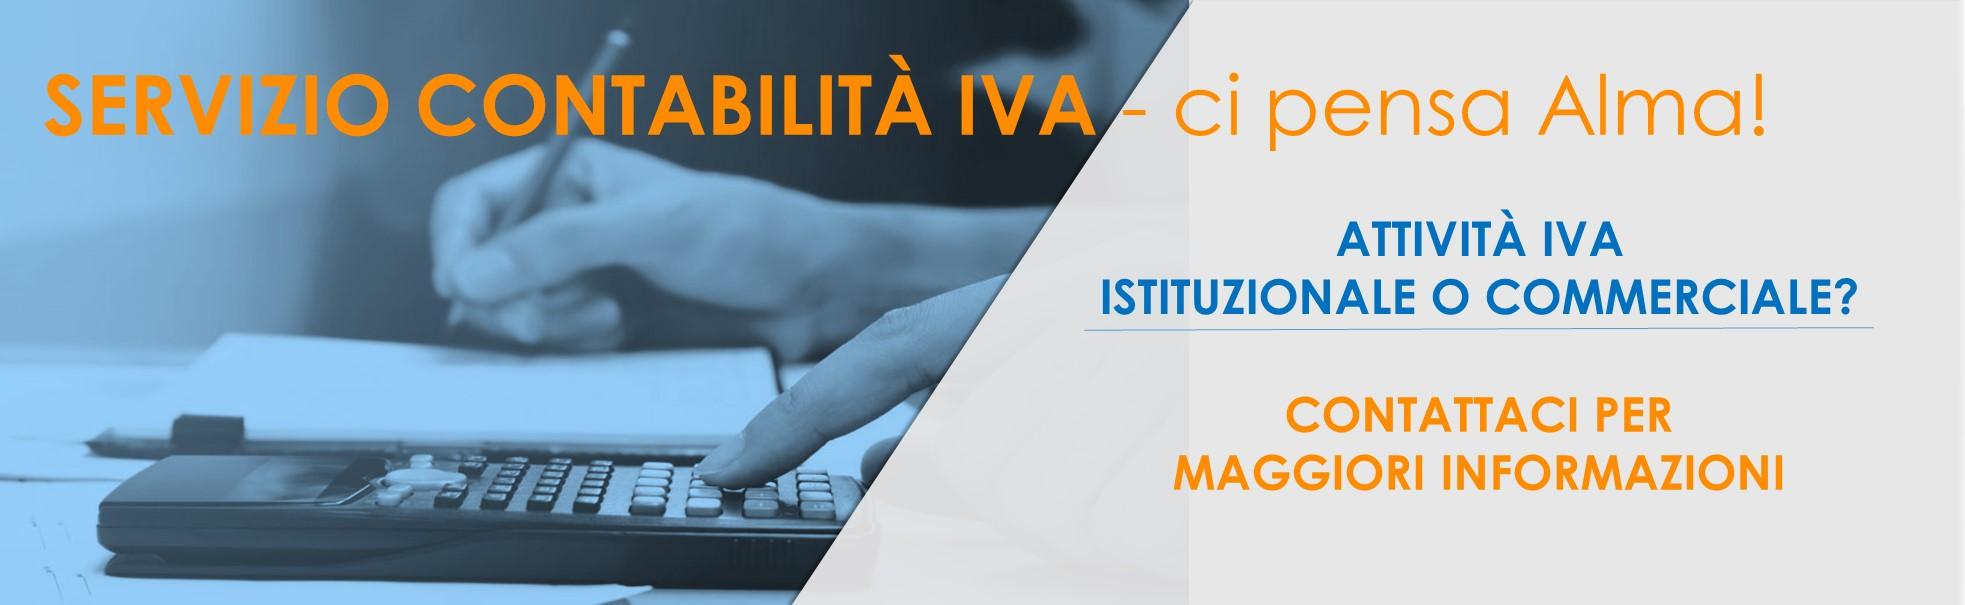 IVA_info